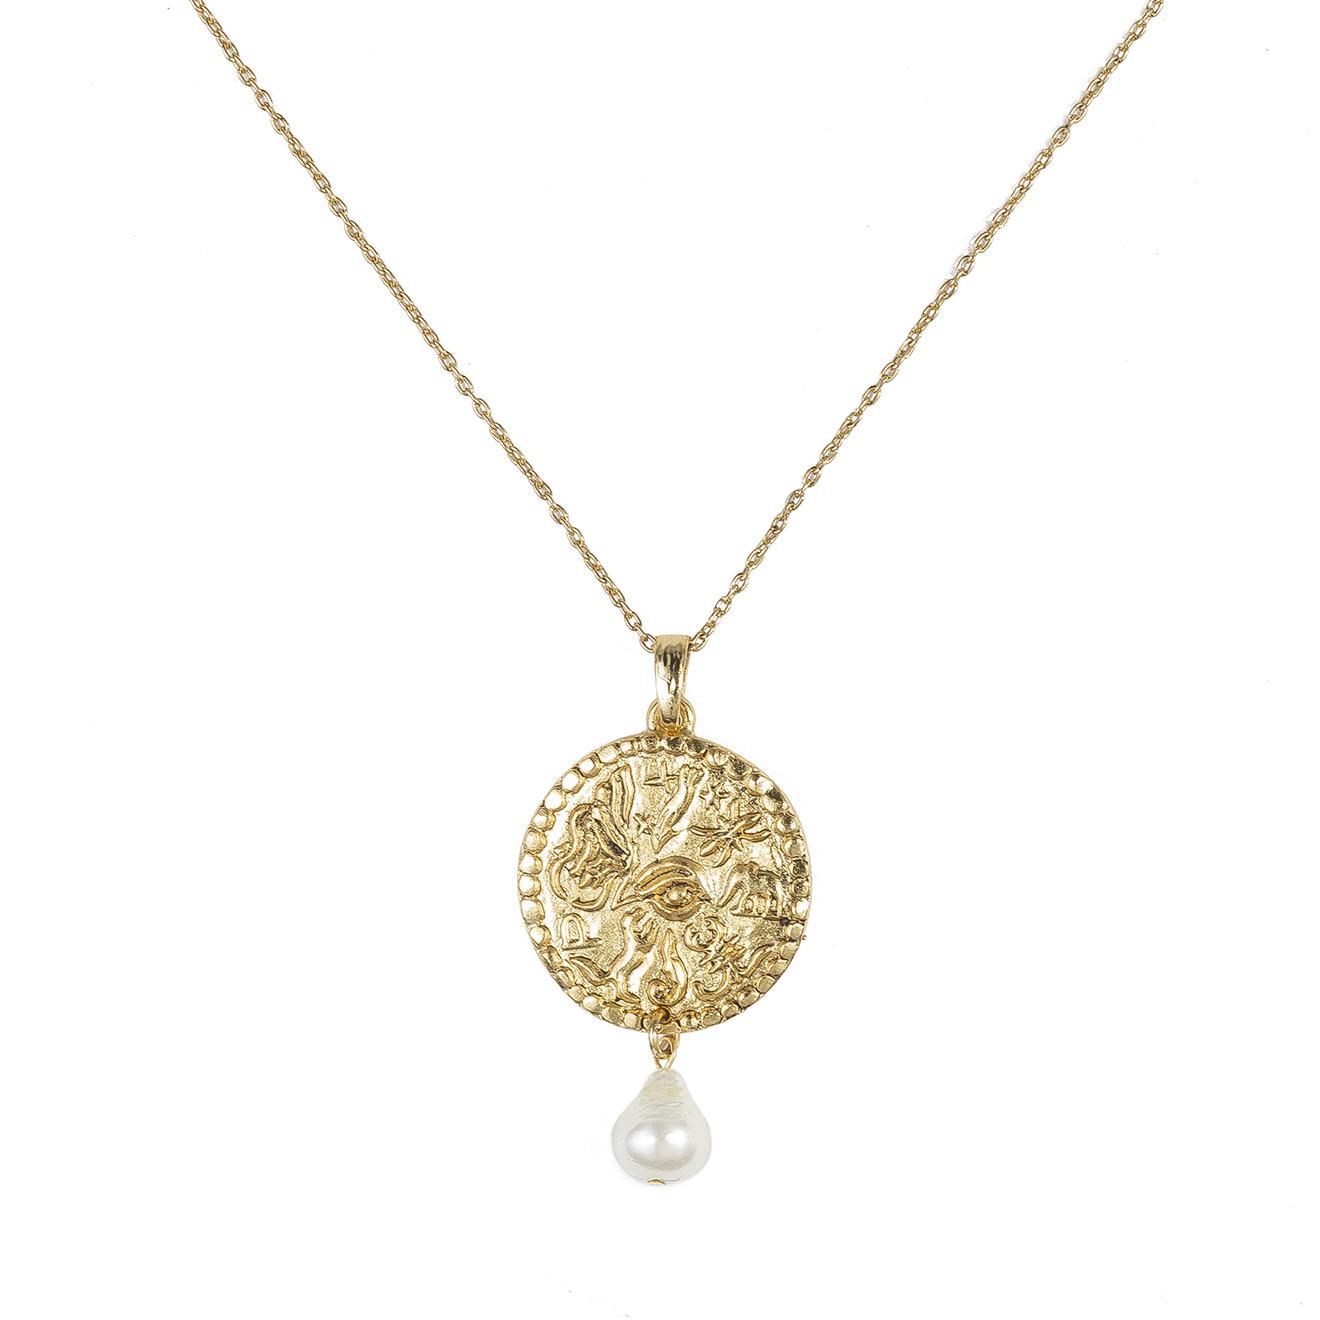 Oscar de la Renta Золотистое колье с медальоном-монетой и жемчугом